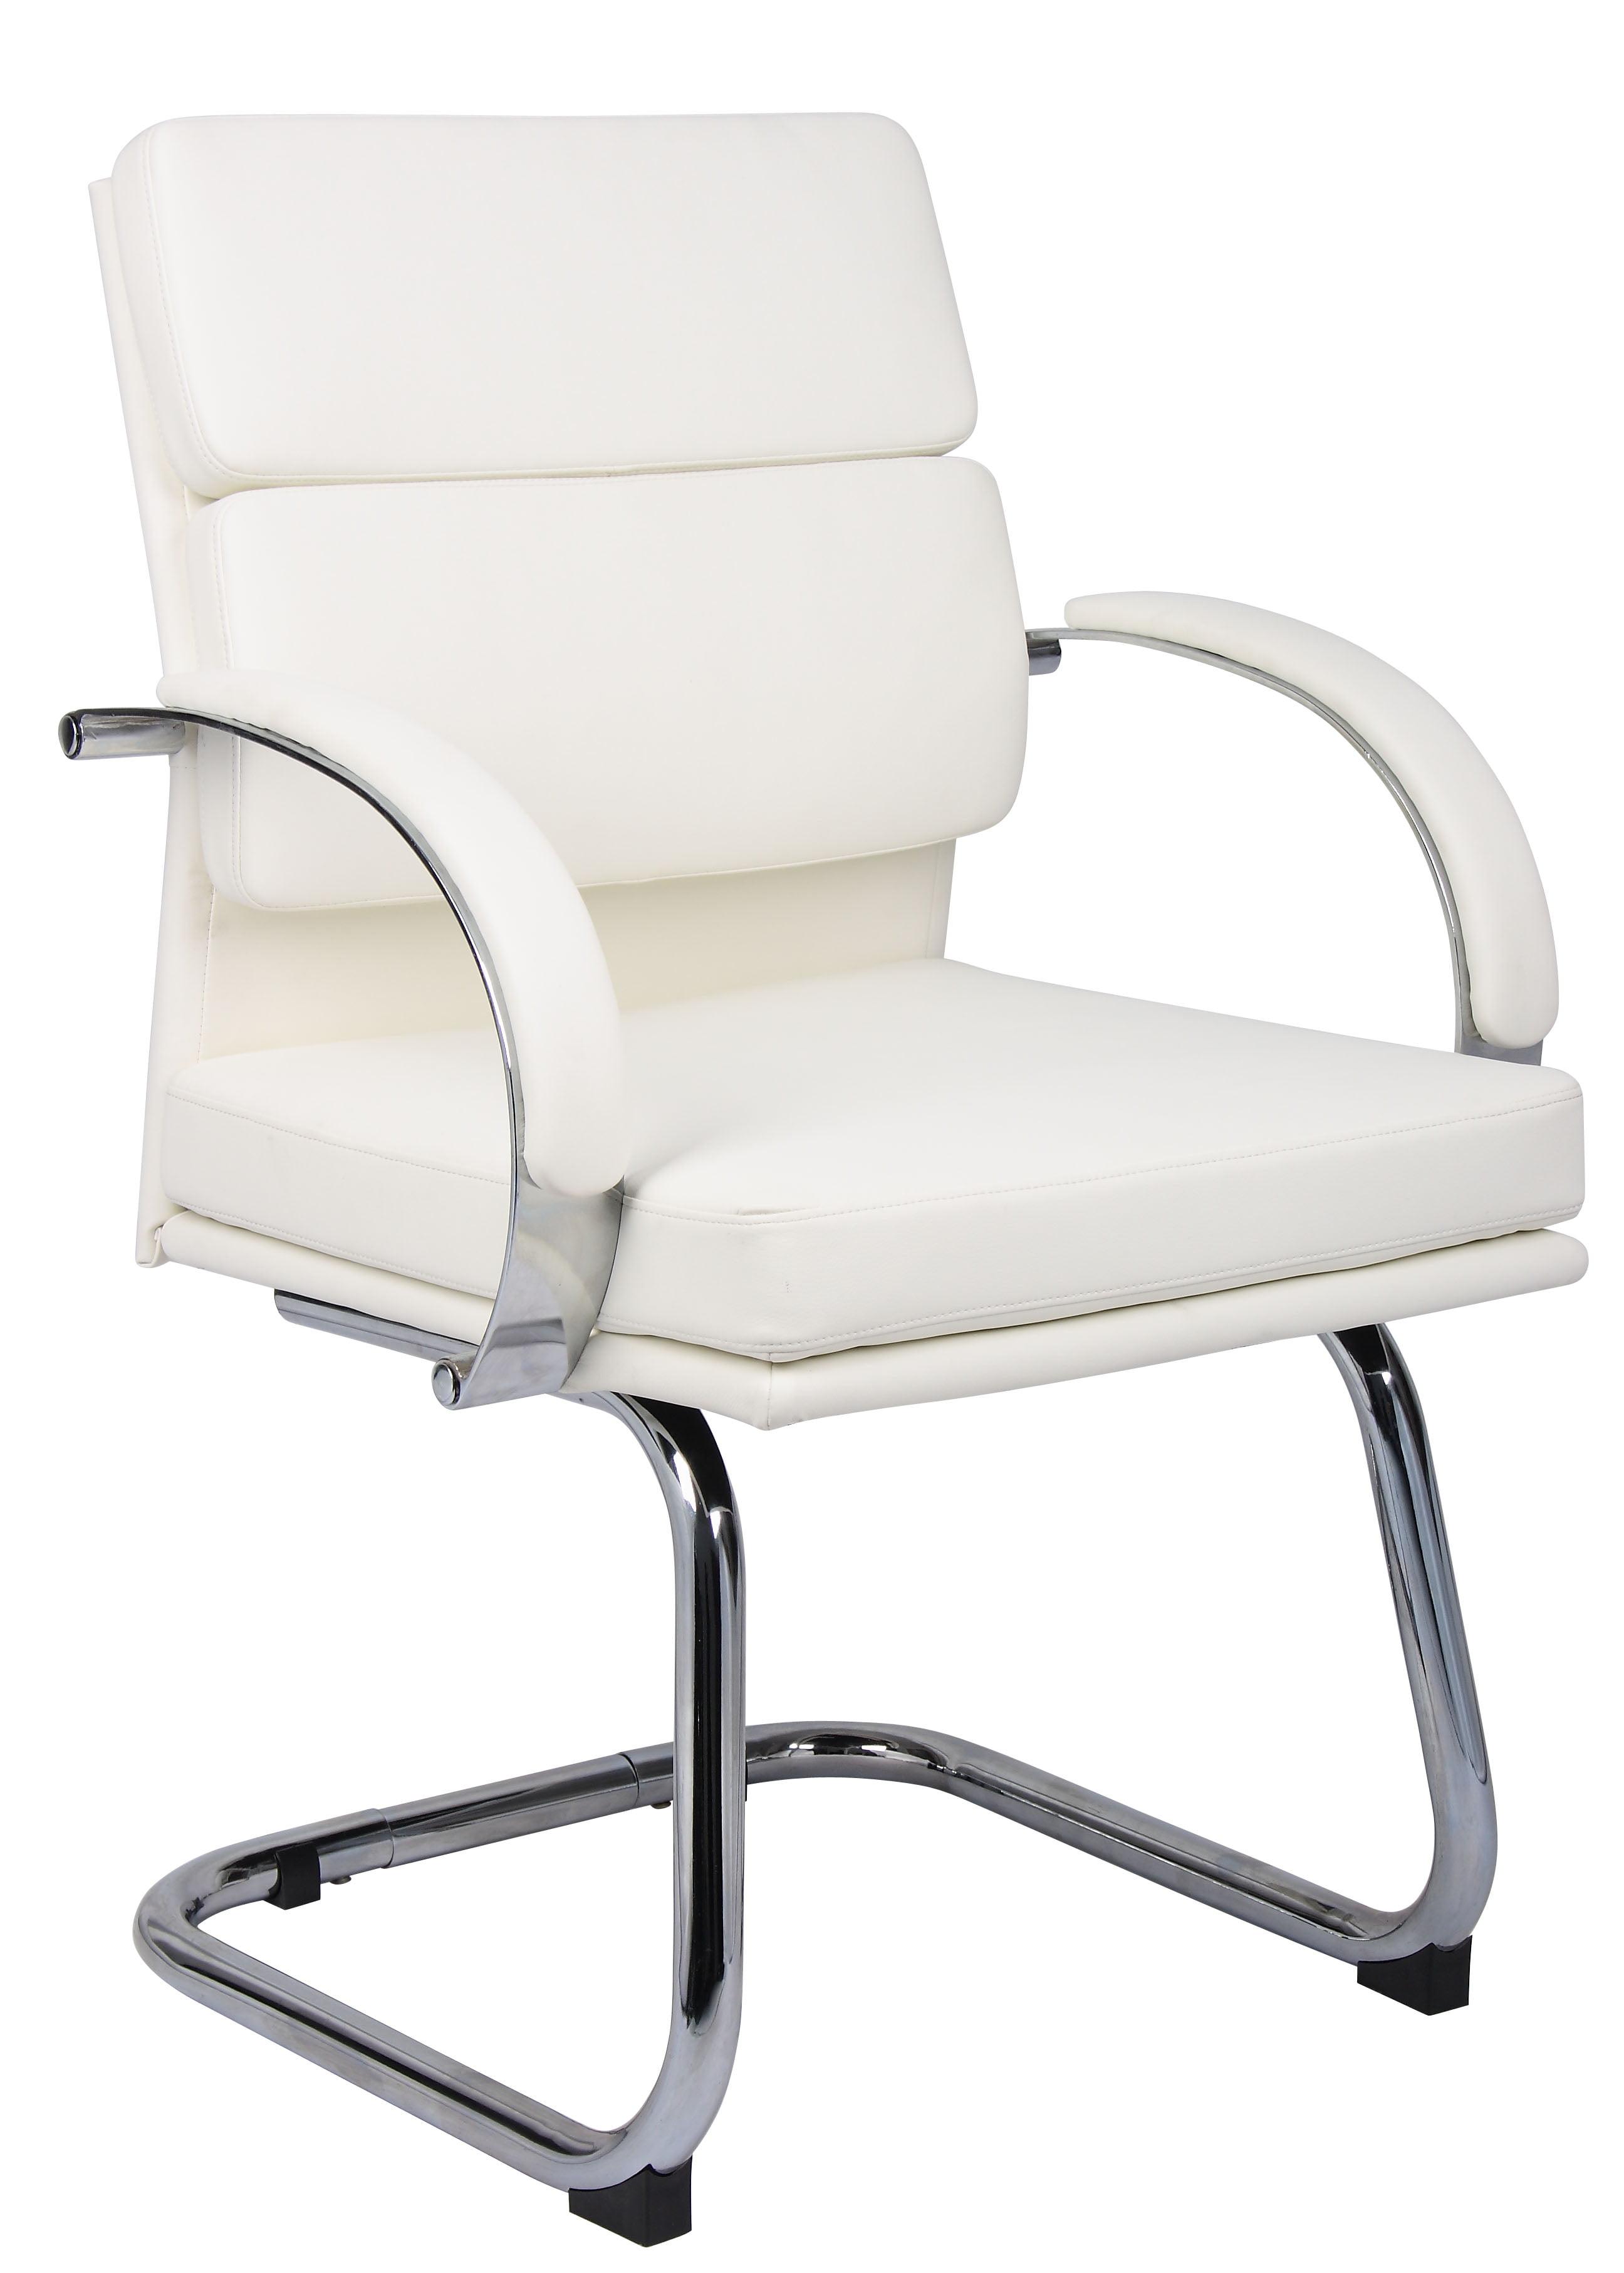 Boss Office U0026 Home Contemporary Guest Chair   Walmart.com